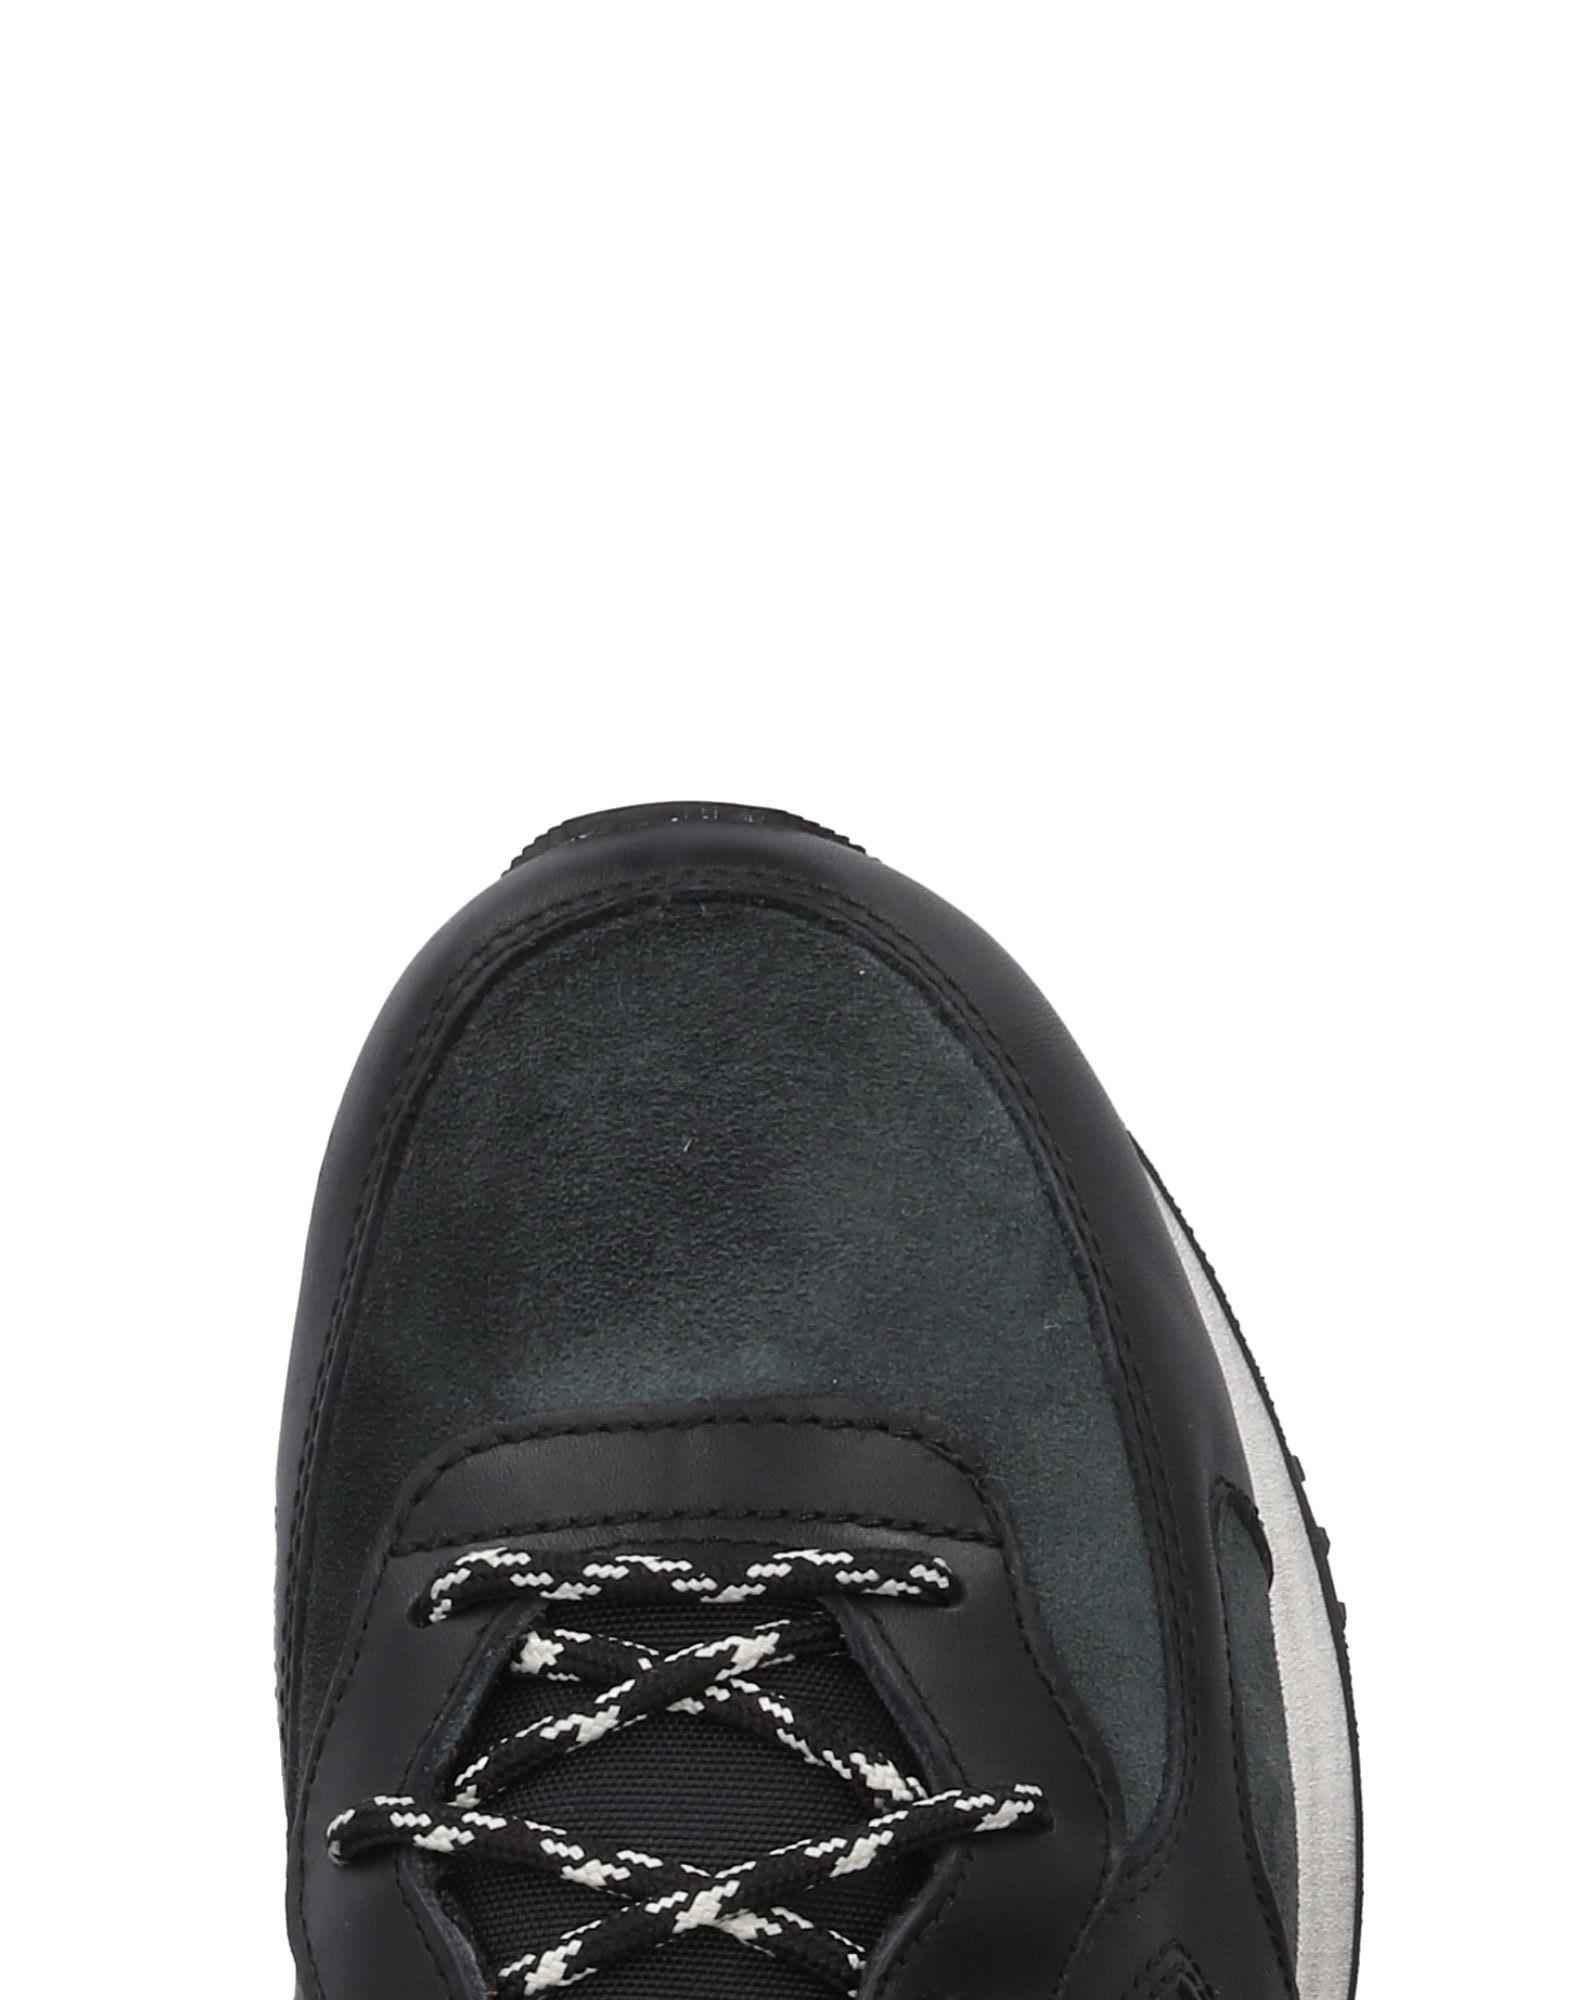 Converse Cons Sneakers Damen beliebte  11469594KA Gute Qualität beliebte Damen Schuhe f9bbce